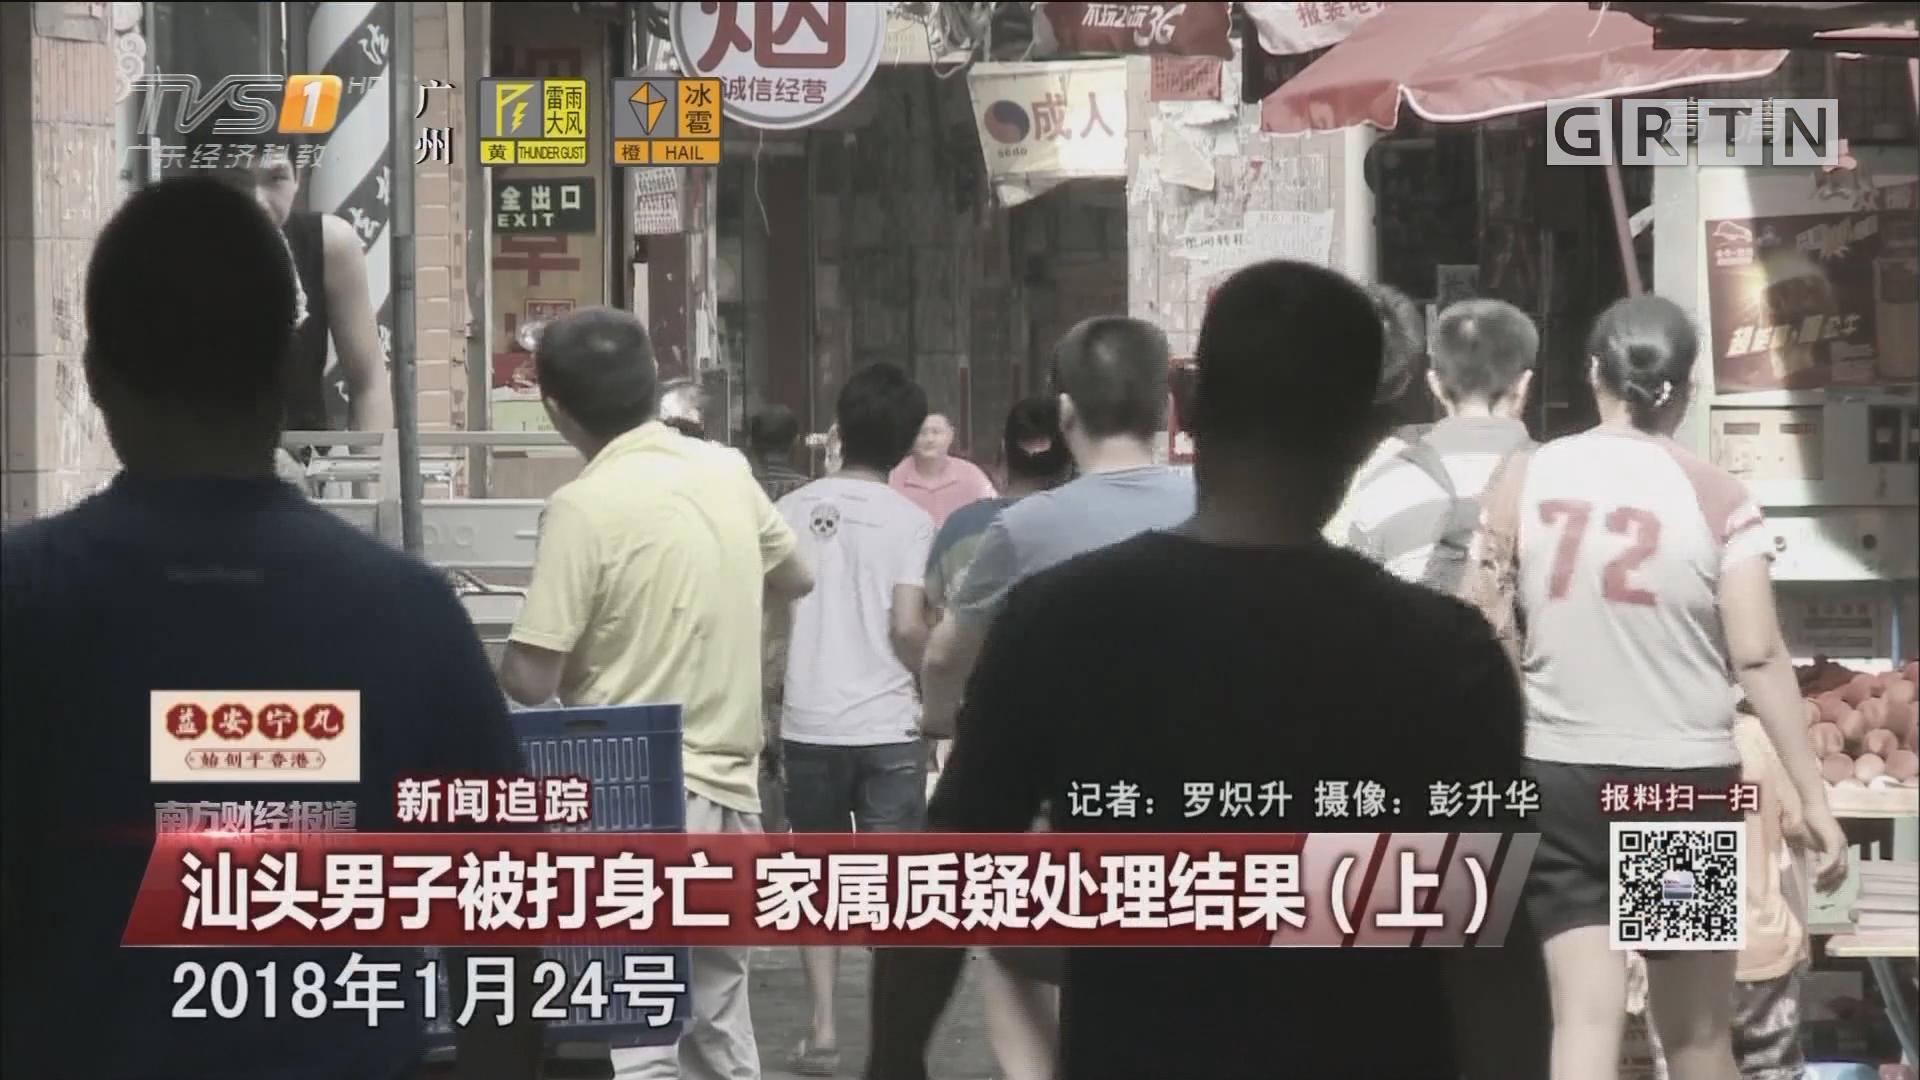 新闻追踪:汕头男子被打身亡 家属质疑处理结果(上)